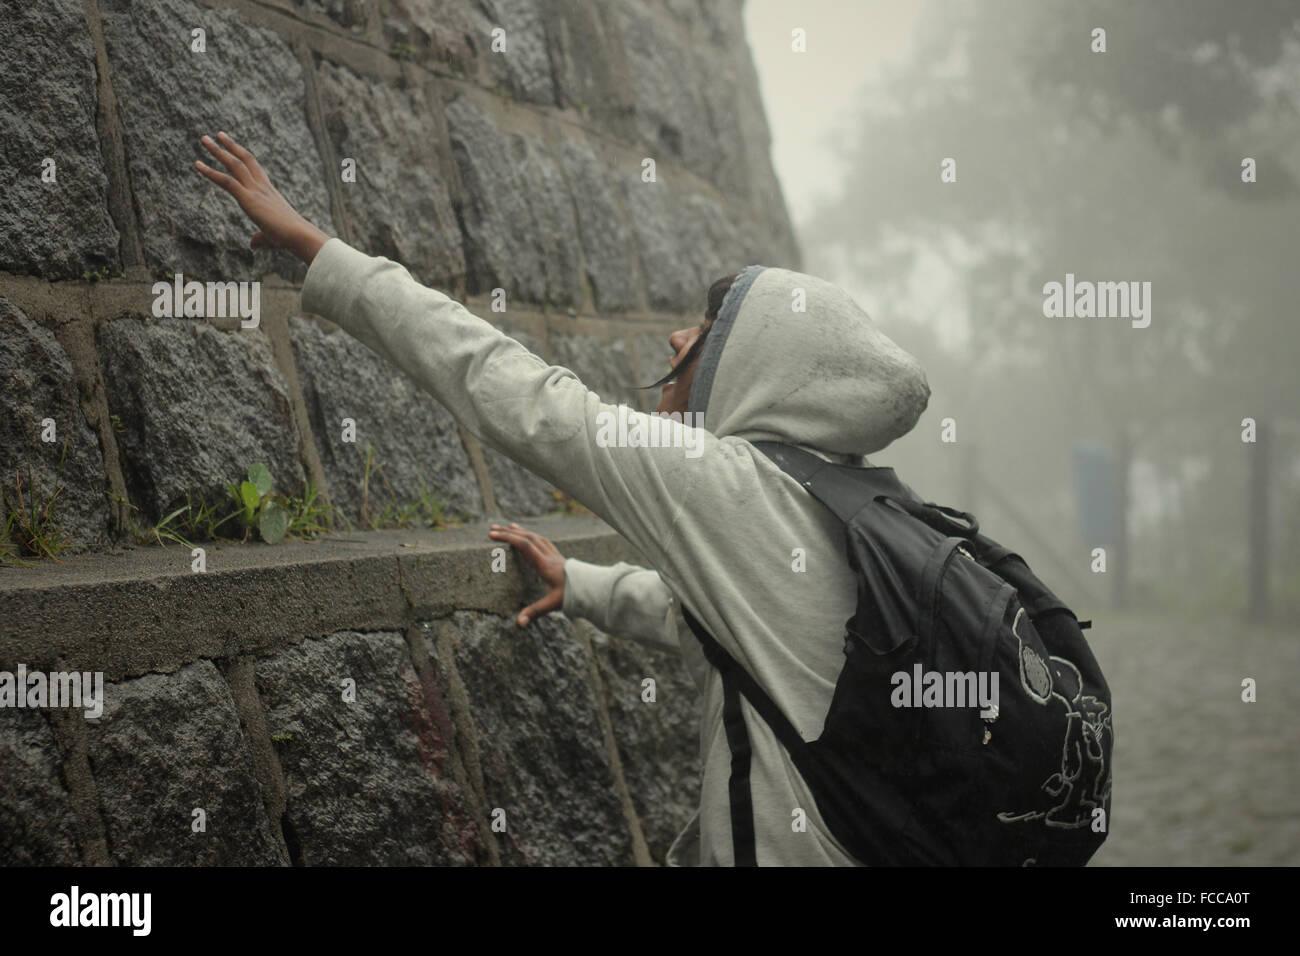 Adolescente tocando la pared de piedra Imagen De Stock